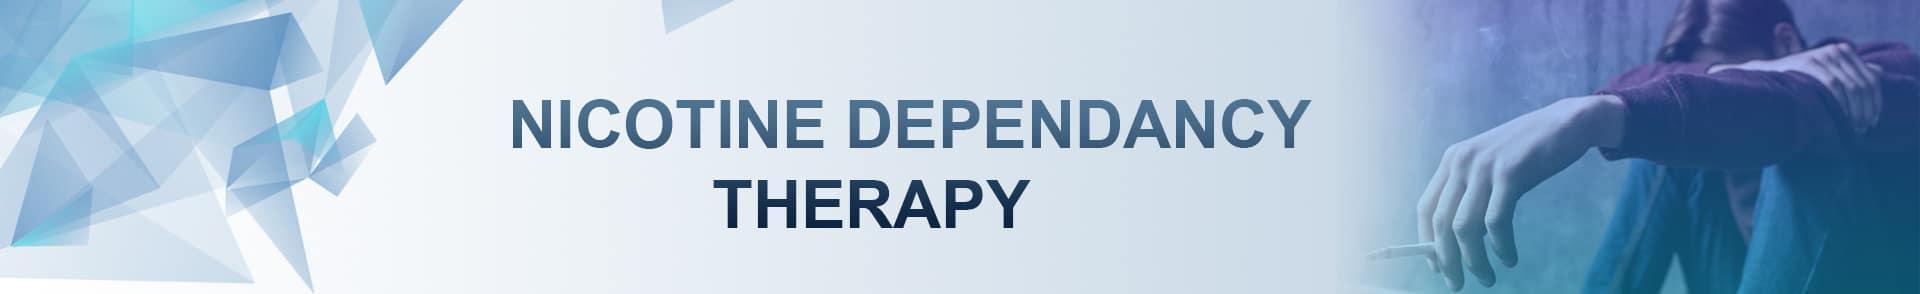 NICOTINE DEPENDANCY Treatment